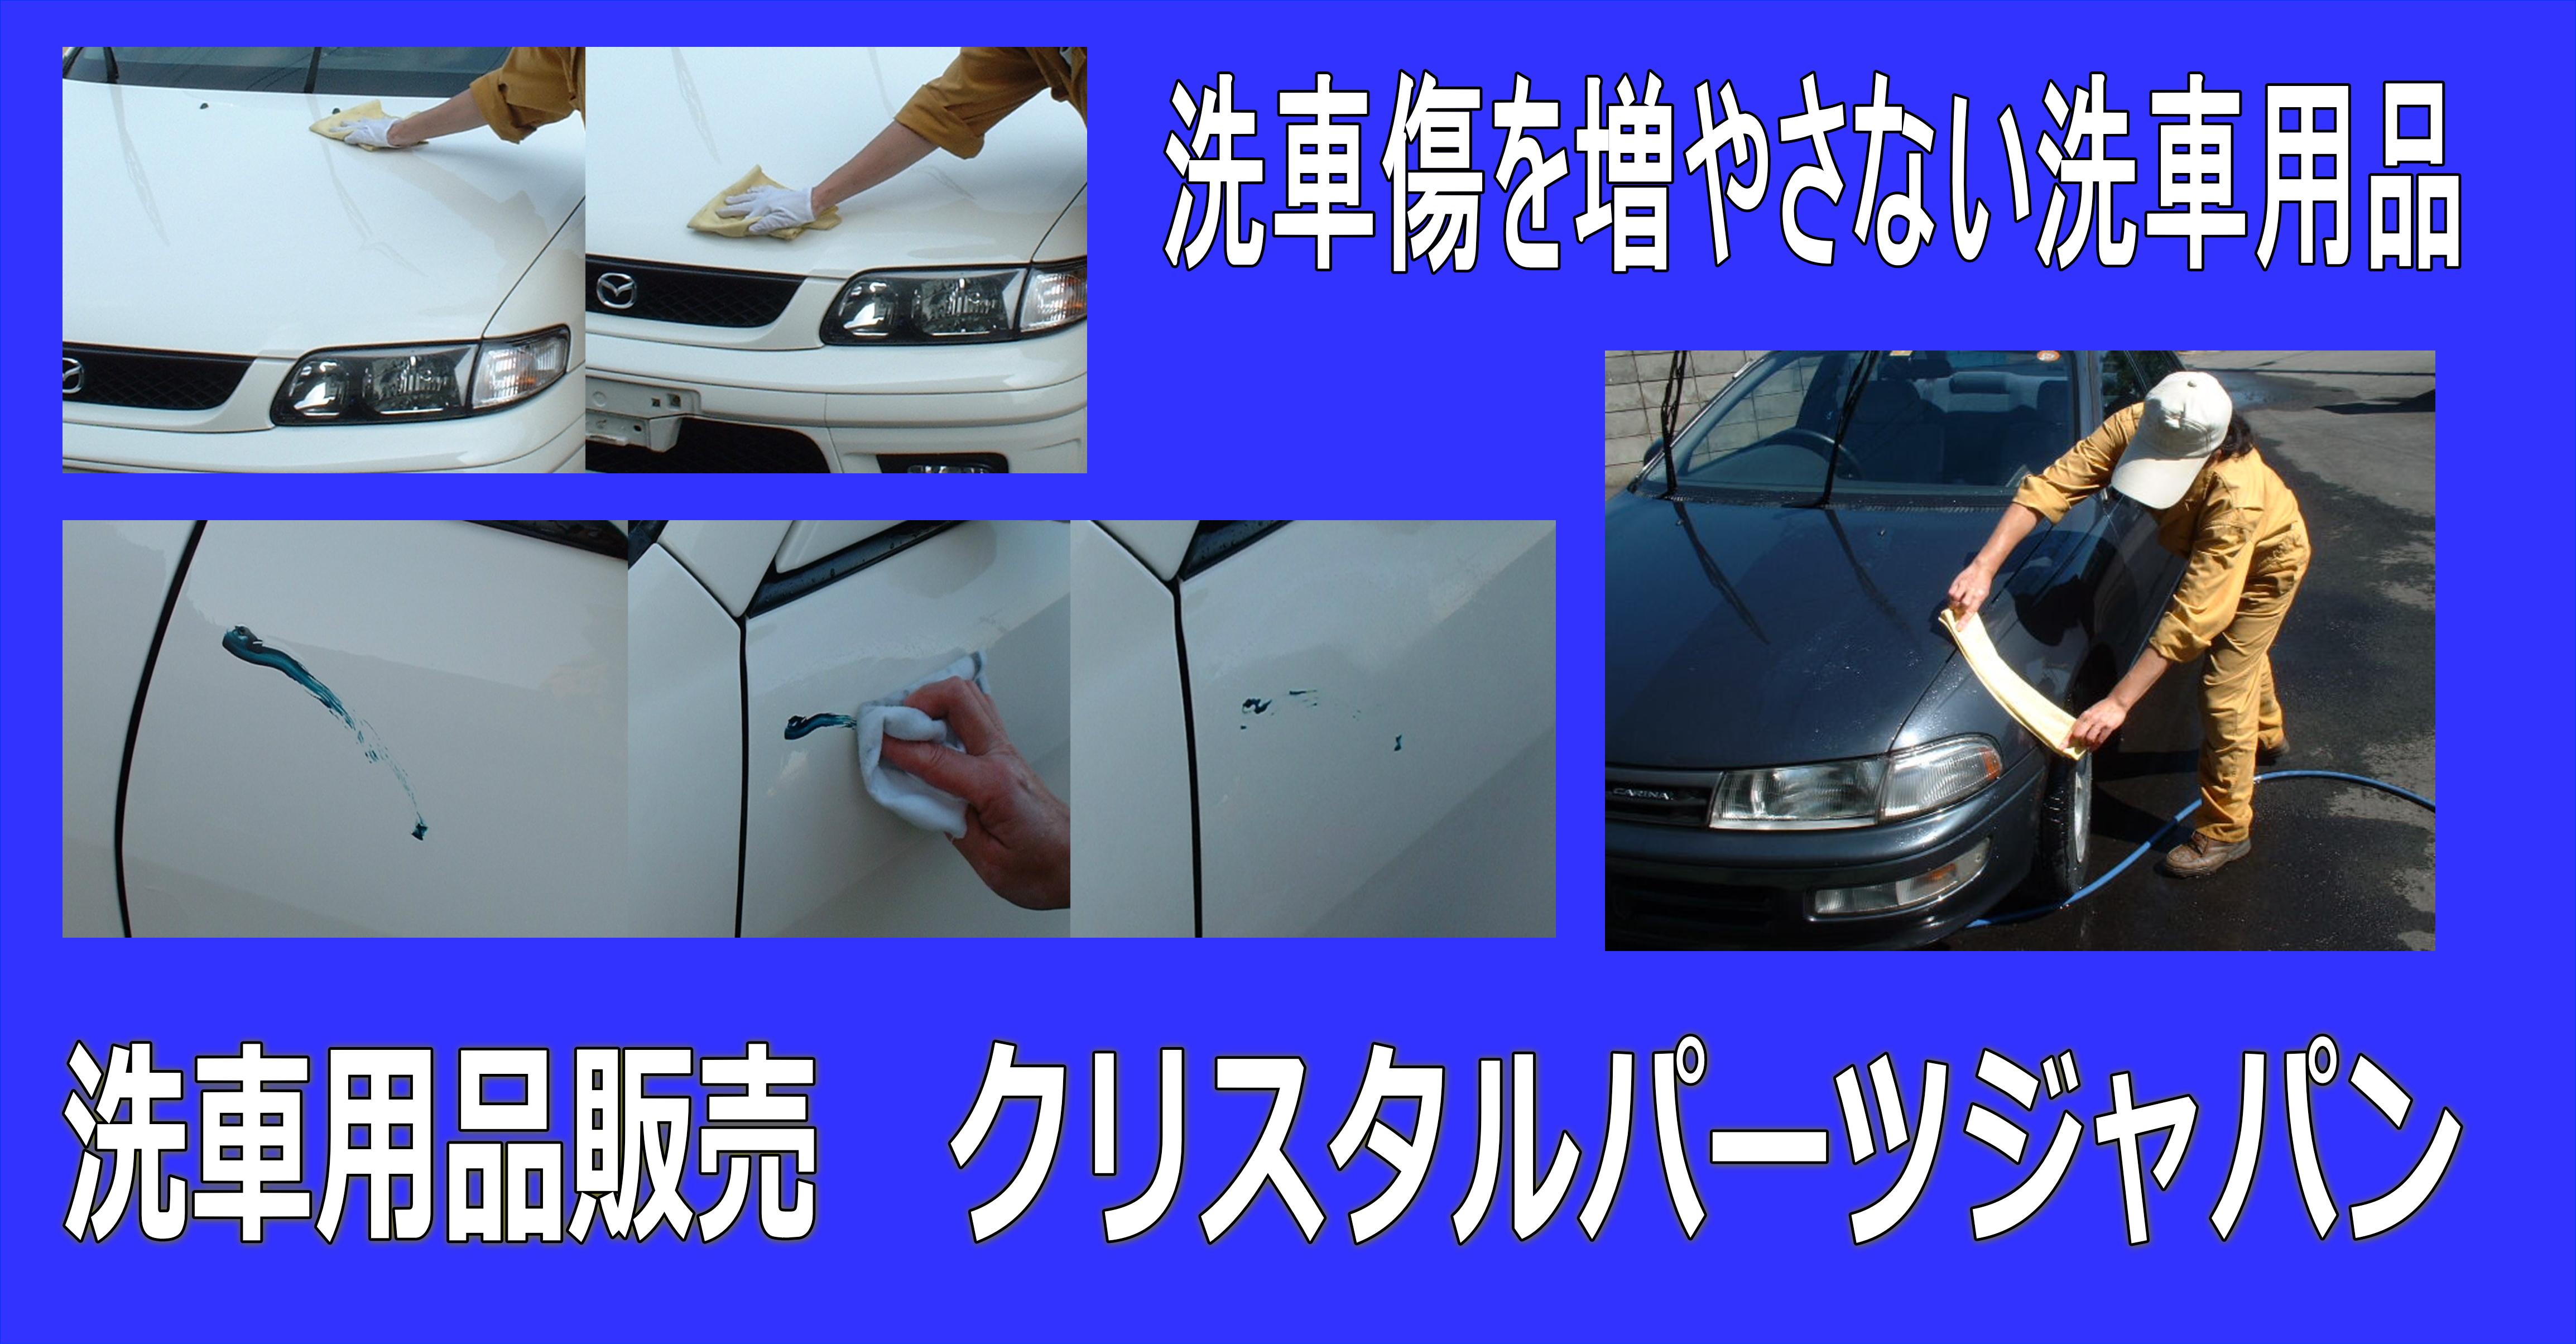 洗車とカーケア